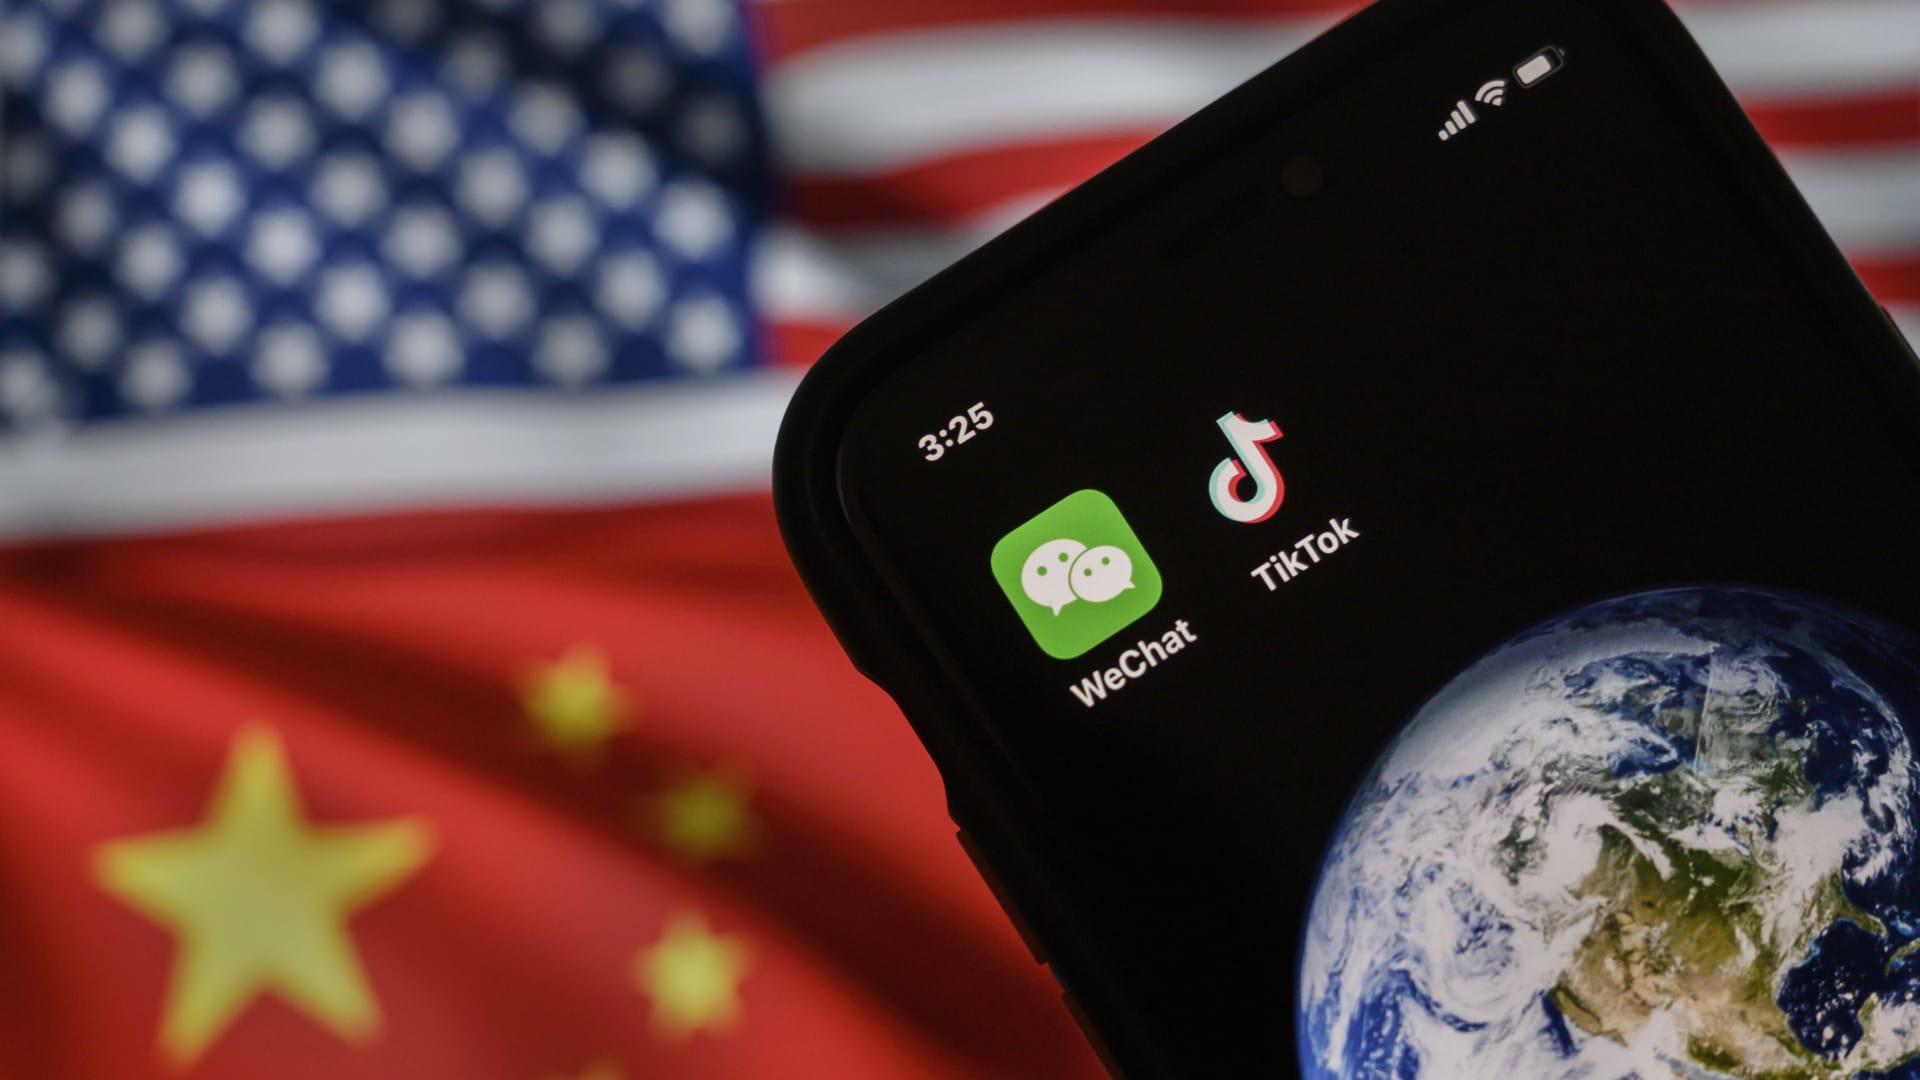 رسم يبيّن هاتفاً محمولاً يعرض تطبيقي WeChat و TikTok أمام شاشة تعرض علمي الولايات المتحدة والصين